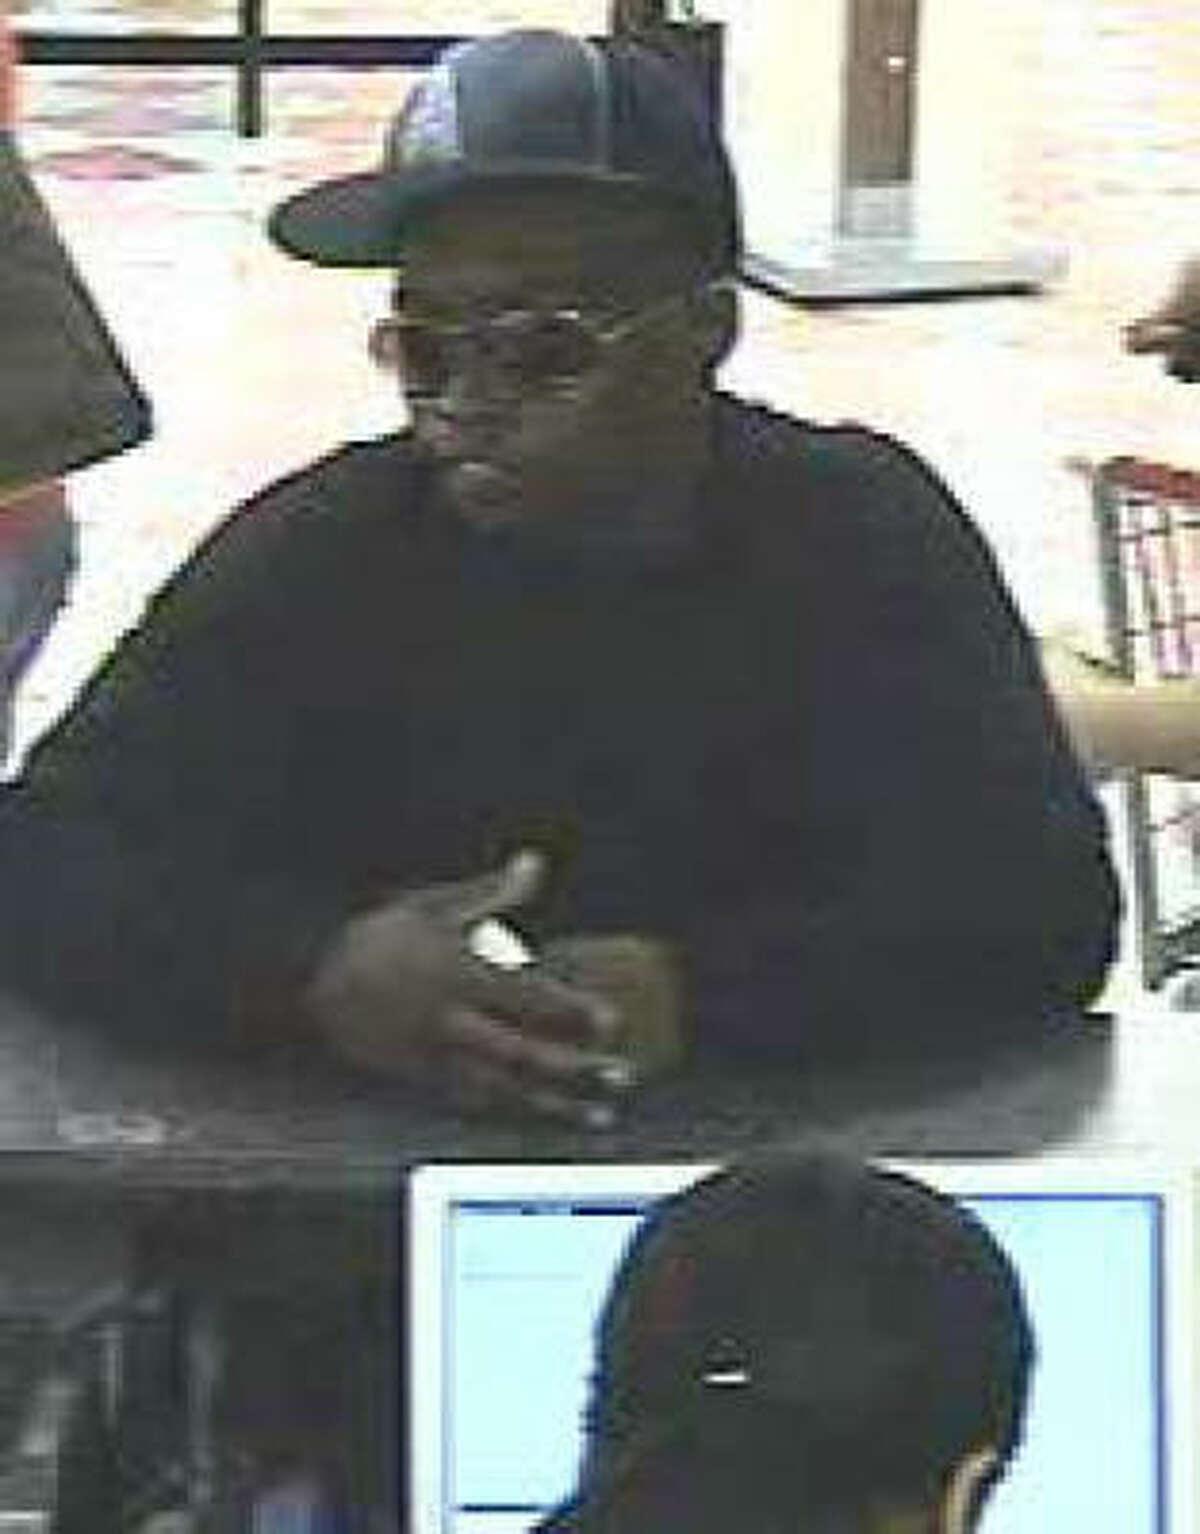 This surveillance photo was taken July 24.